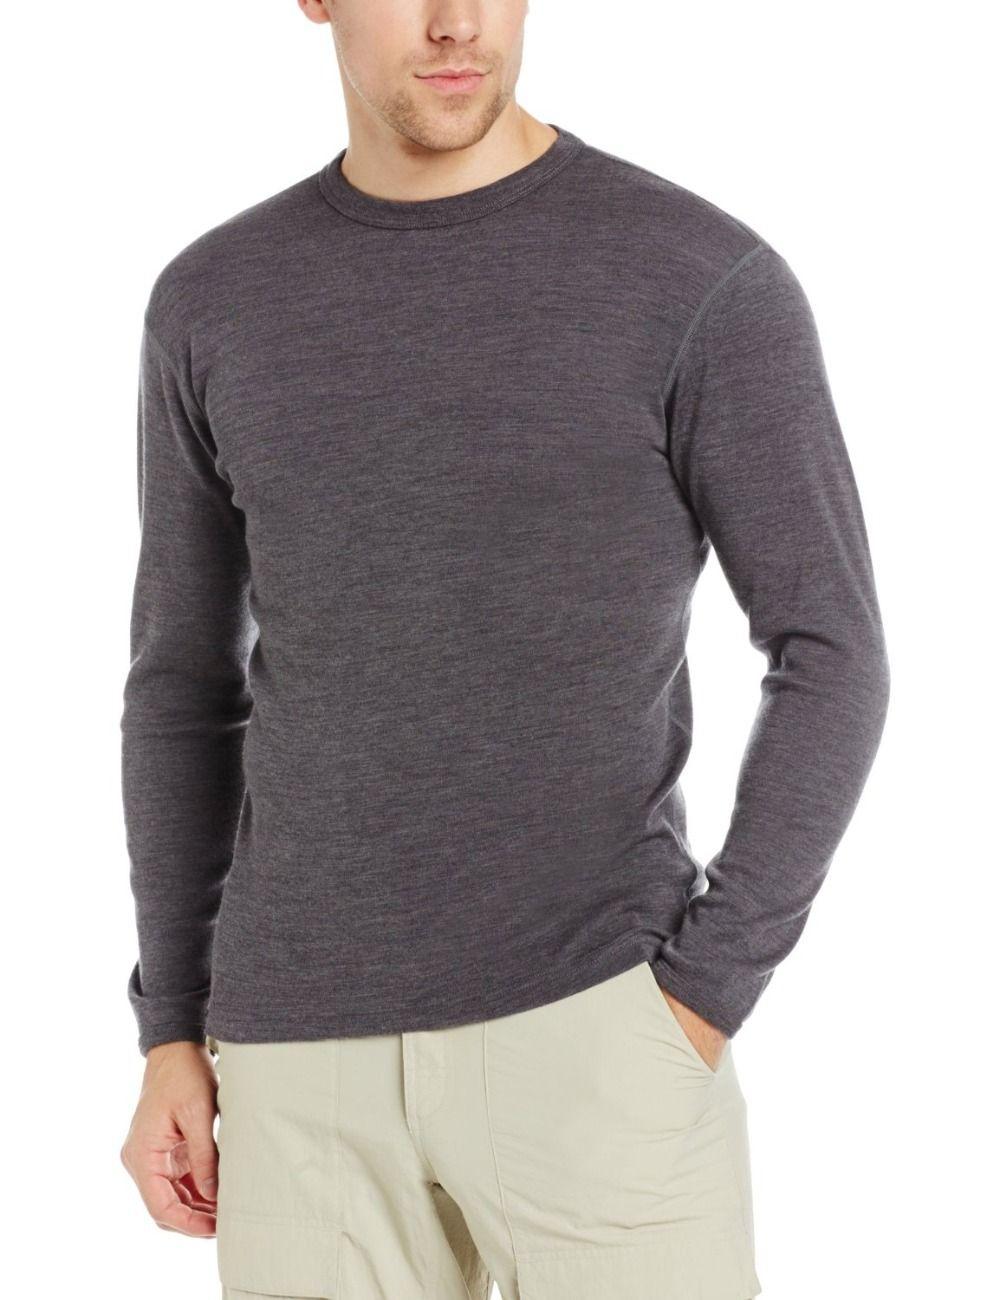 Мужской чистый 100% новый мериносовой шерсти Для мужчин Подогнутым экипажа одежда с длинным рукавом теплая зимняя дышащая Костюмы кардиган Т...